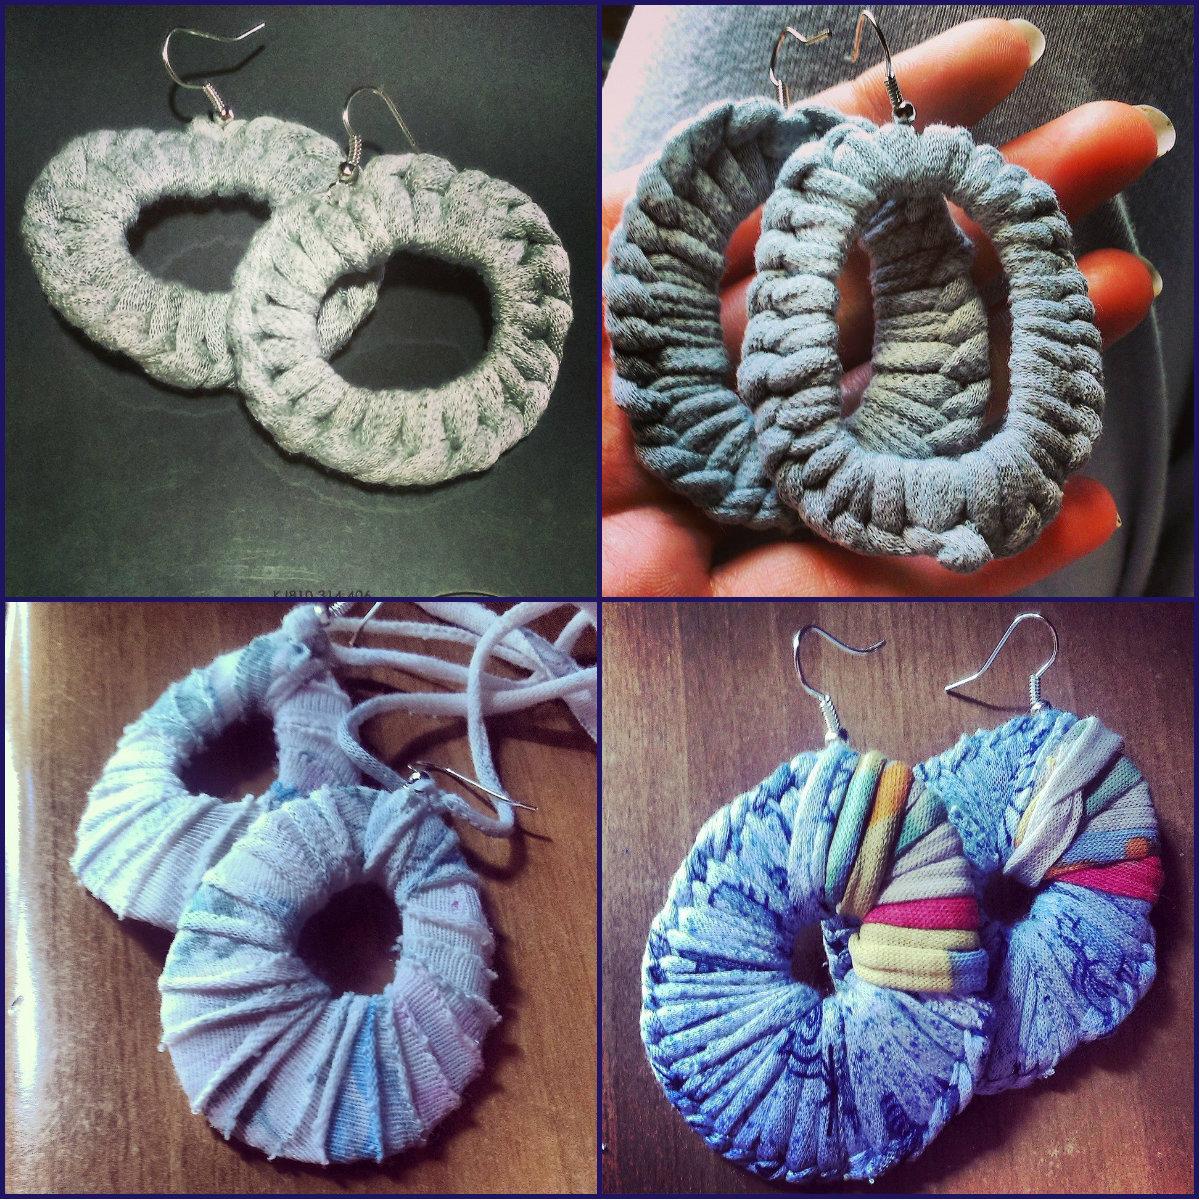 Molto orecchini | Home_Me_Made GY36